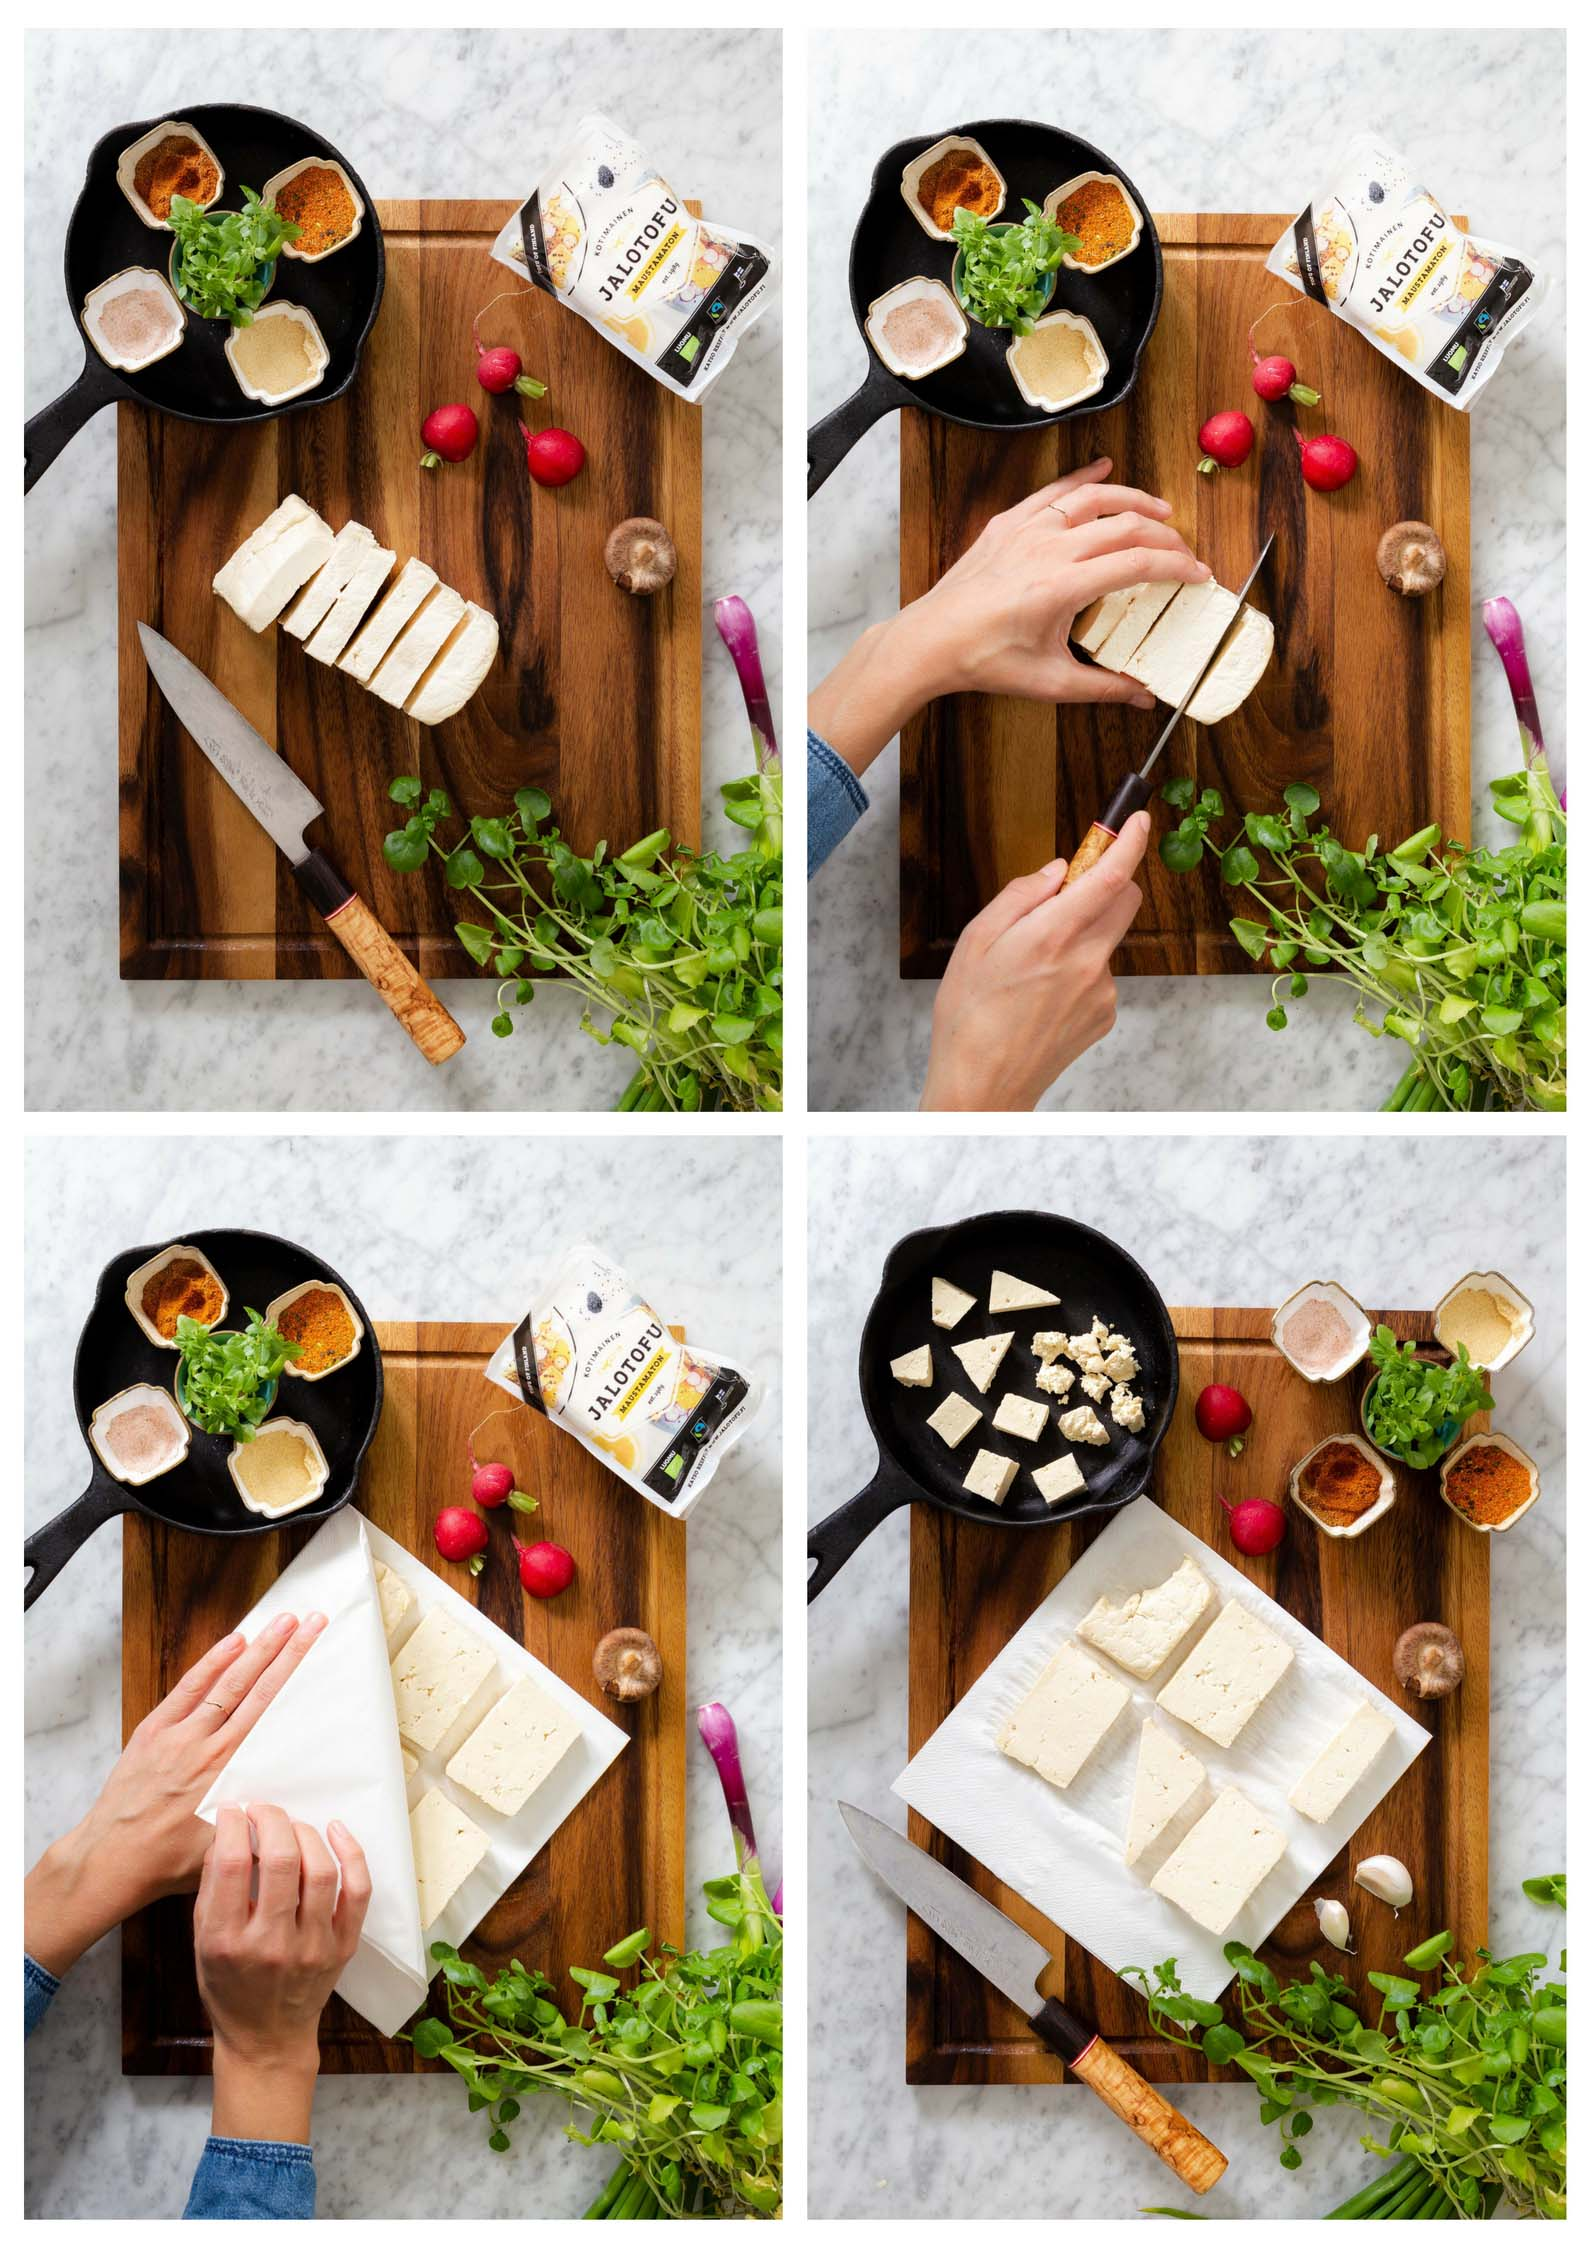 tofun paistaminen ja pannumarinointi